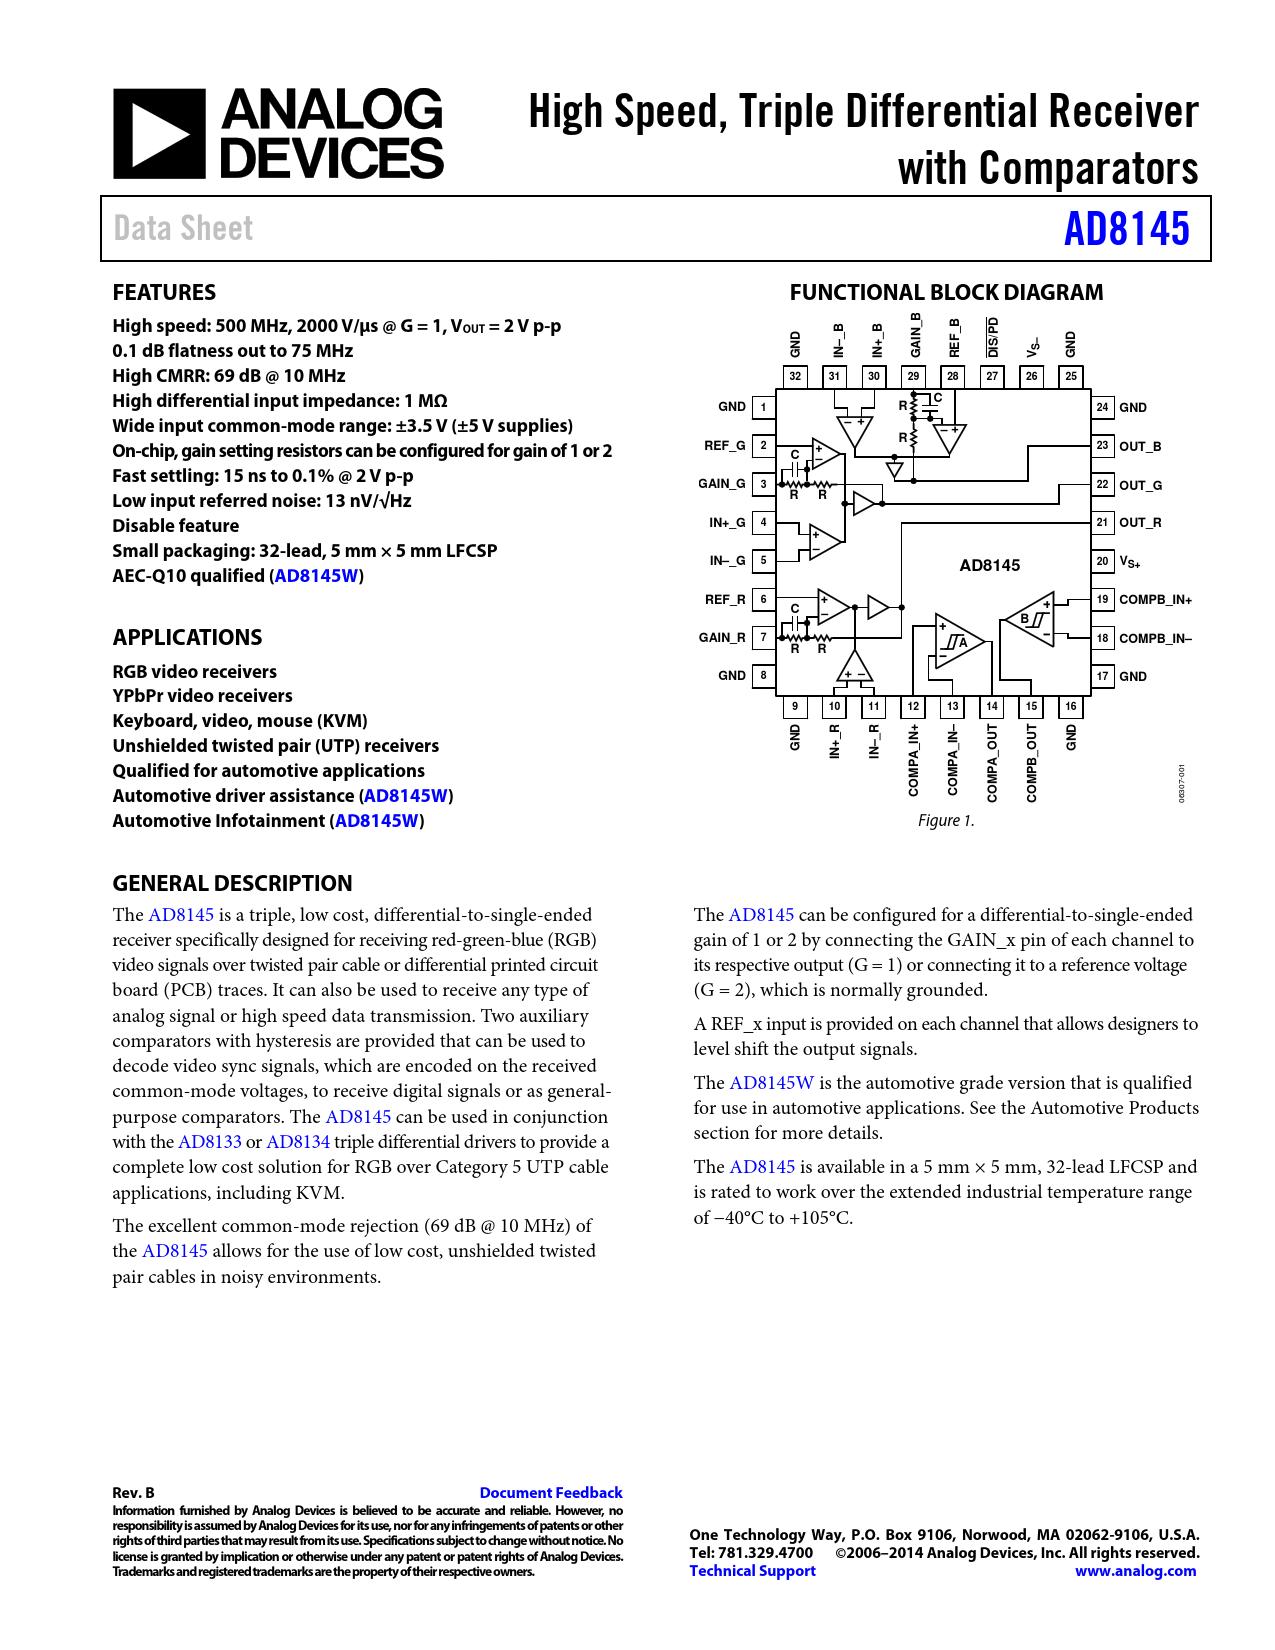 Datasheet AD8145 Analog Devices, Версия: B